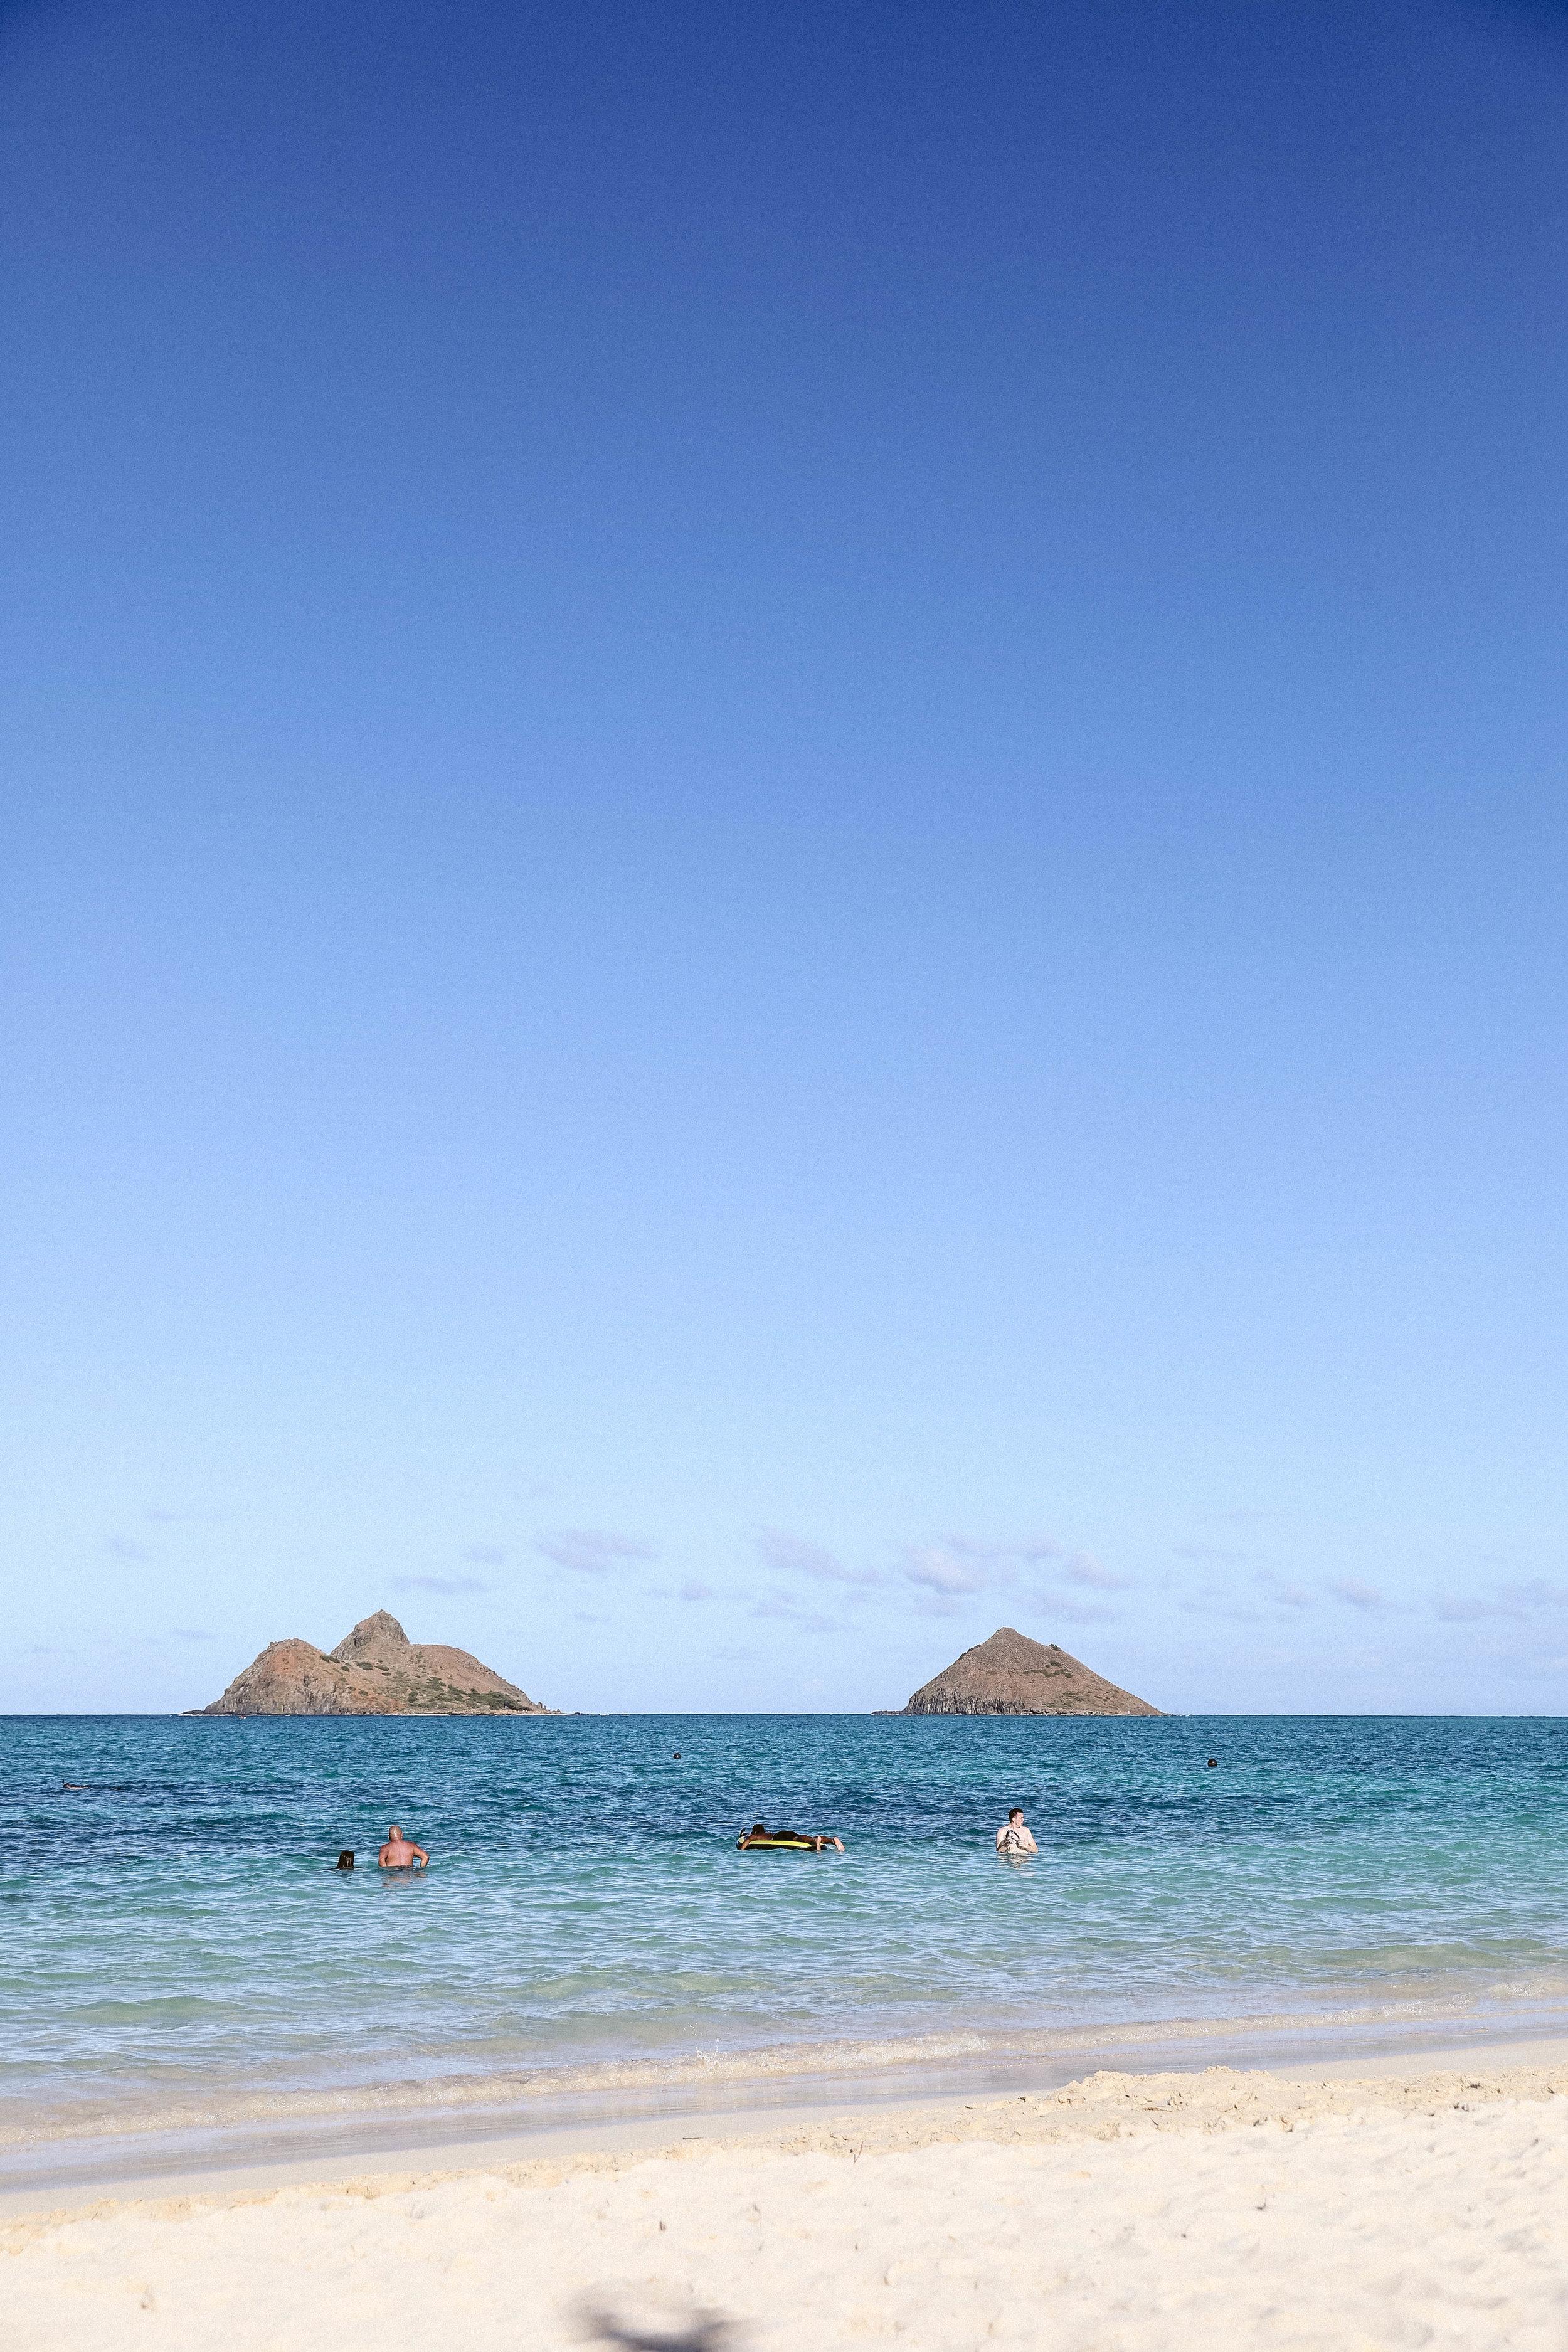 083117-Oahu-DayThree-217.jpg